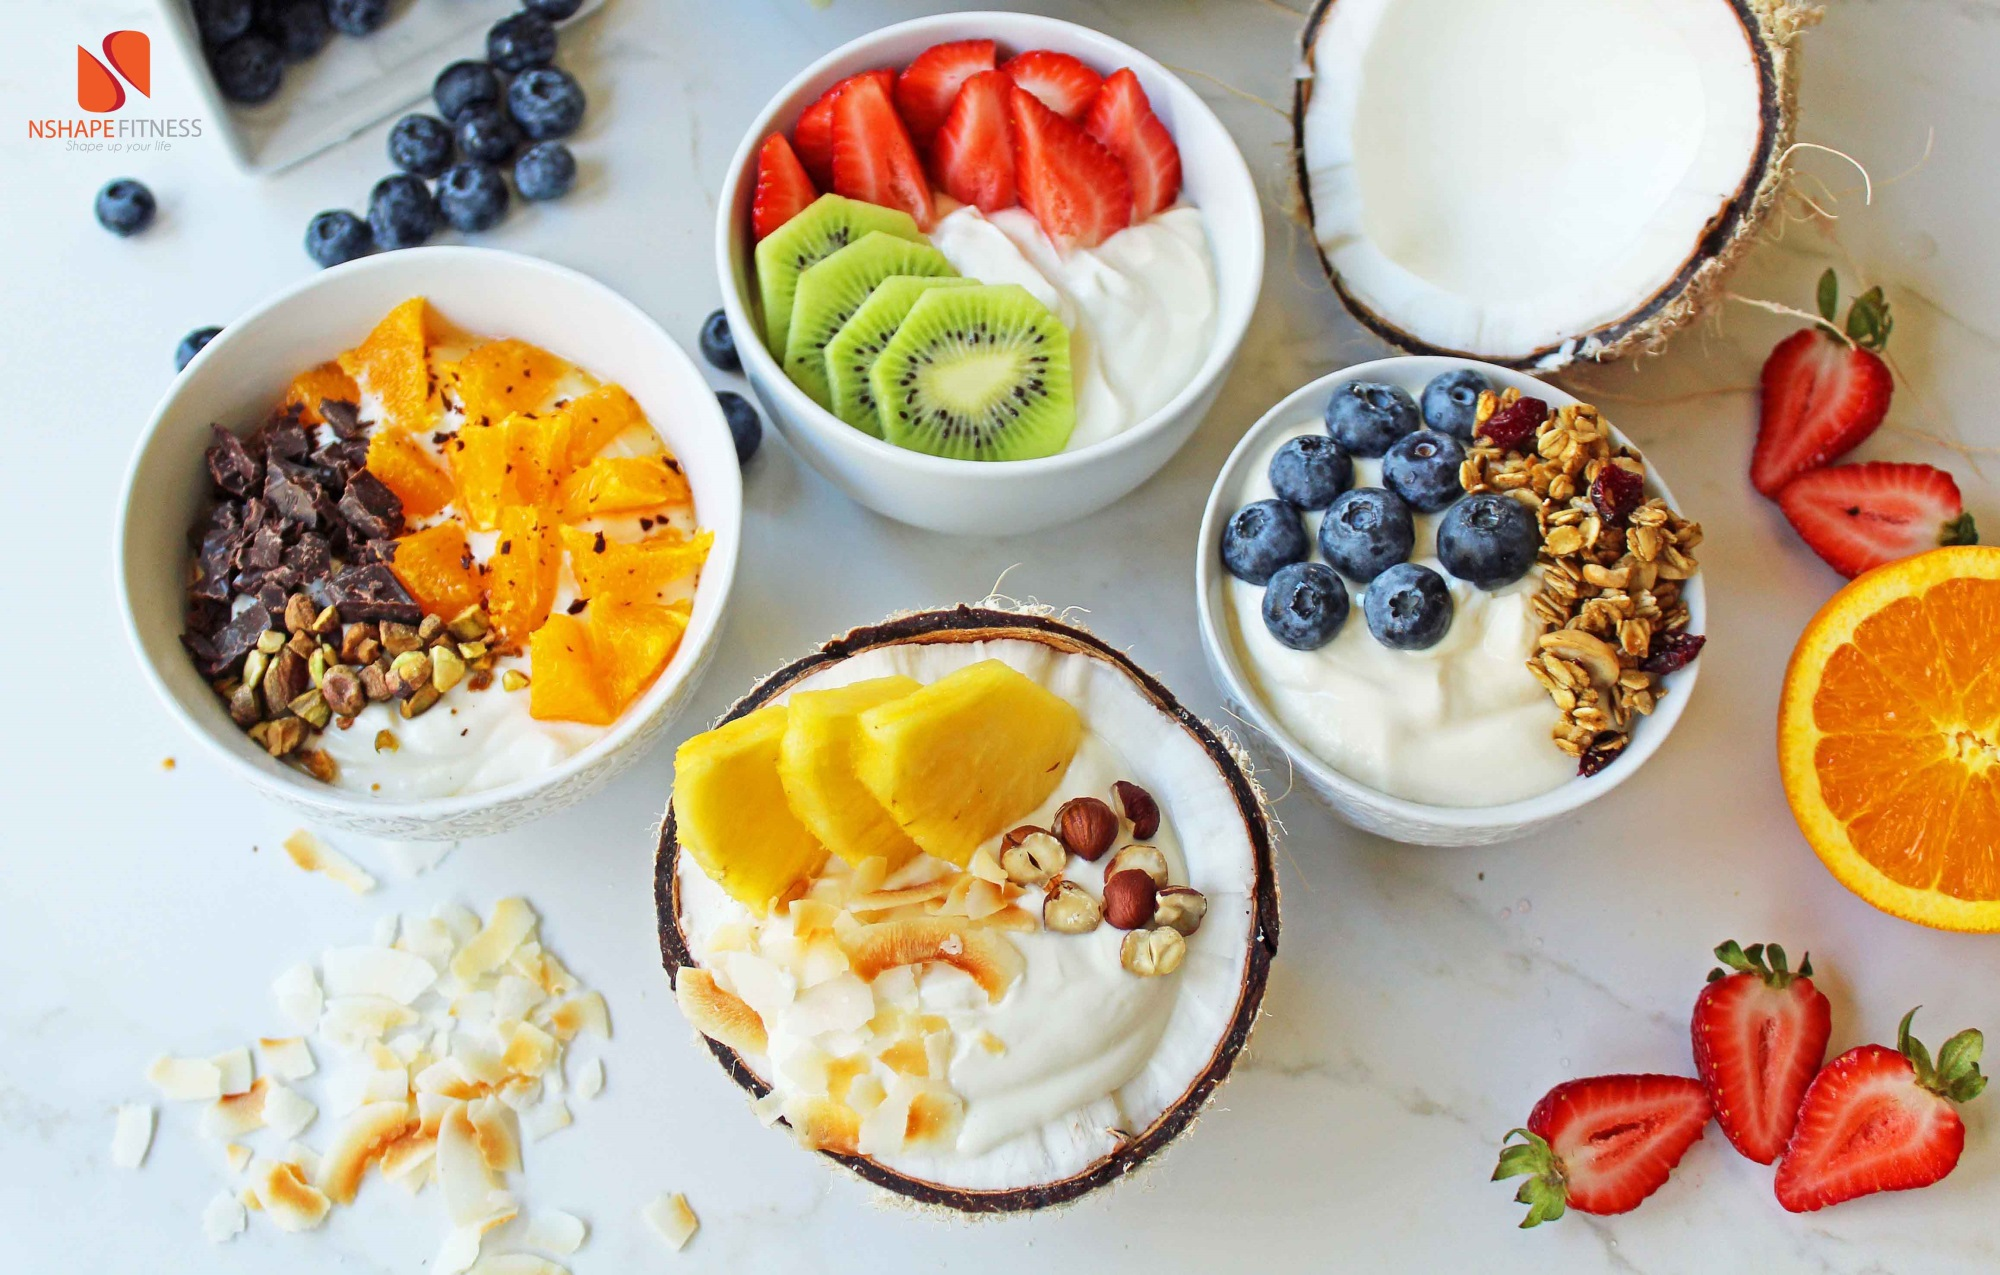 Bỏ ngay những thói quen ăn sáng gây hại sức khỏe này nếu không muốn bệnh tật quanh năm  - Ảnh 1